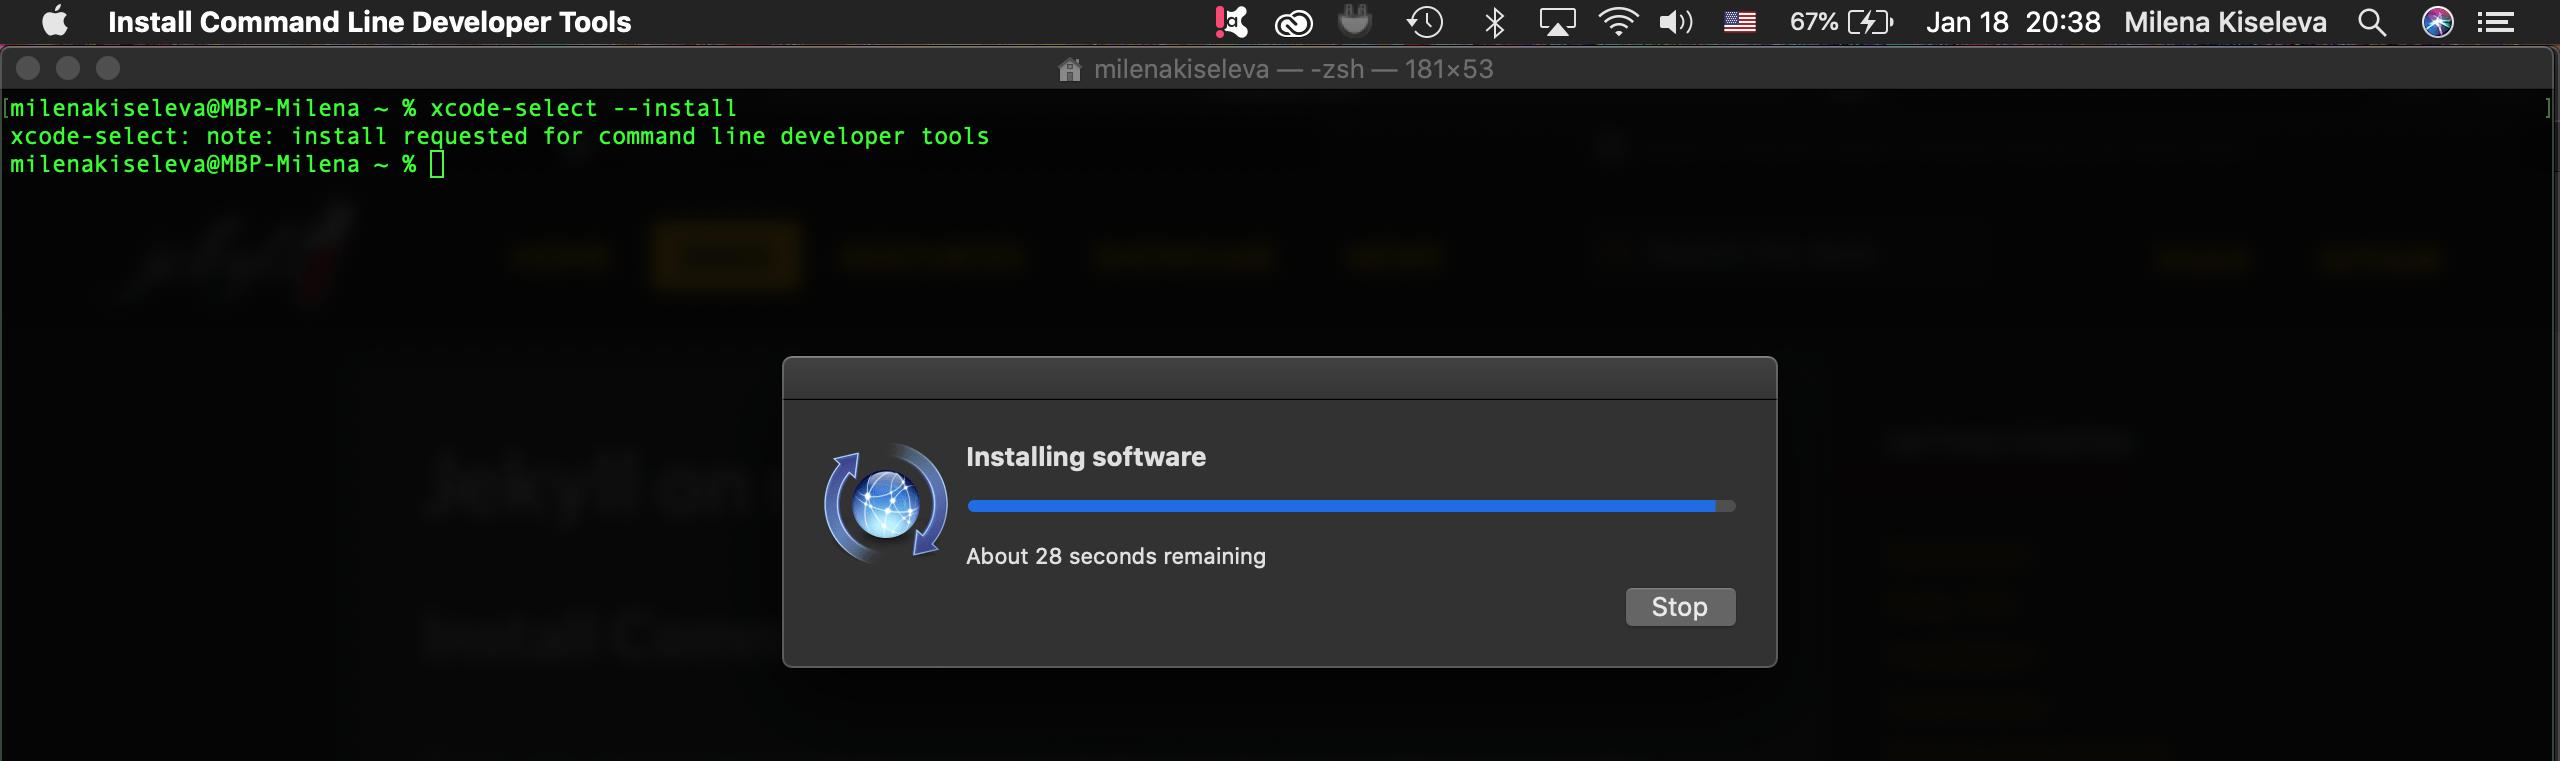 Как установить инструменты для работы с Jekyll в macOS